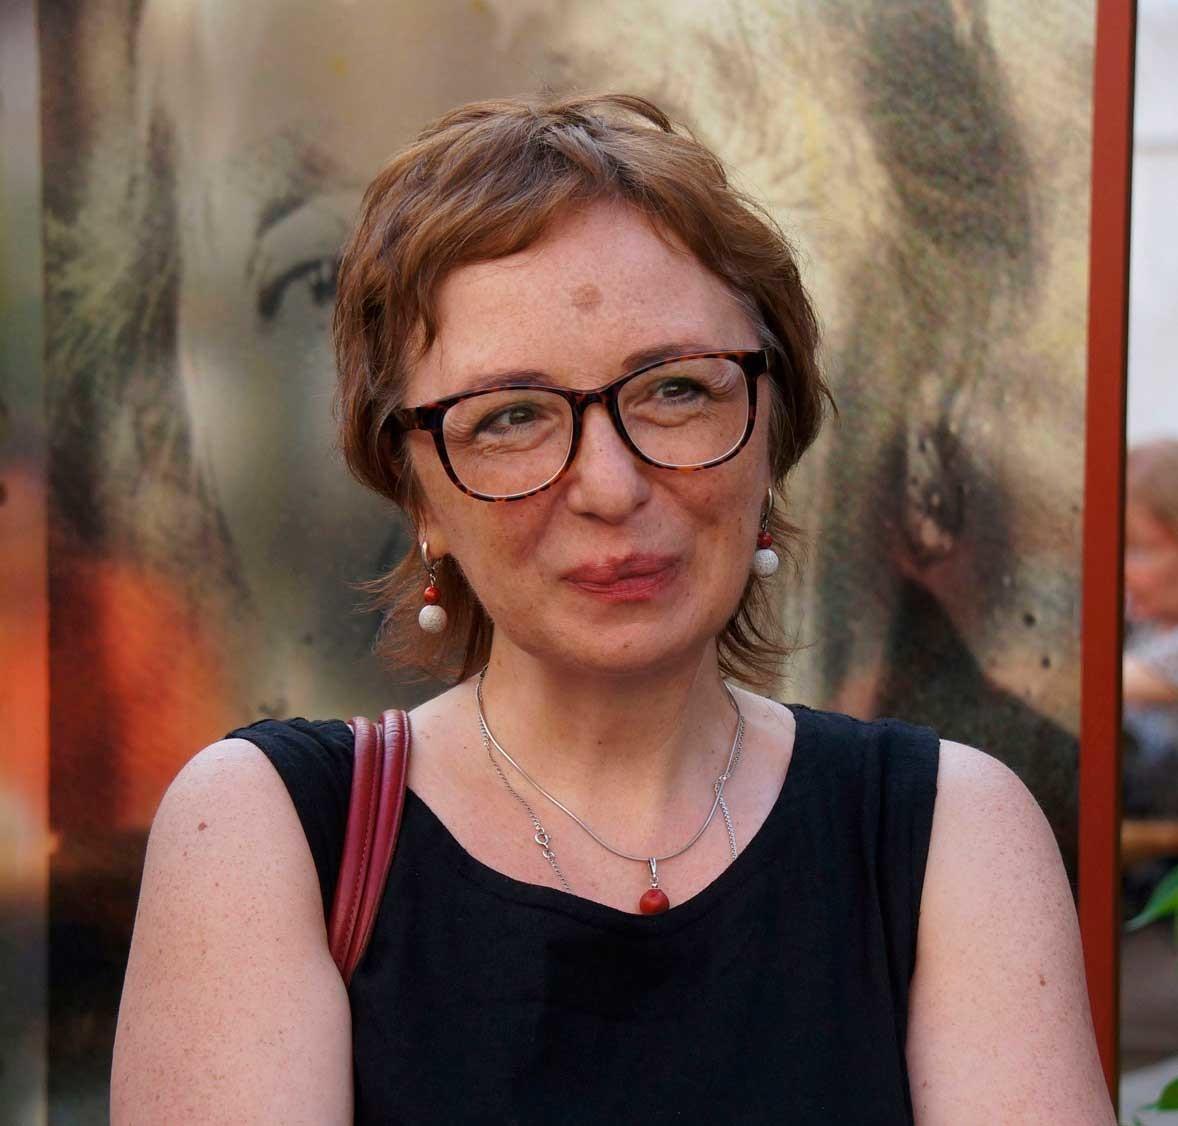 Fanáilova é classificada como uma poeta severa por usar, por vezes, baixo calão e dar declarações políticas cortantes.